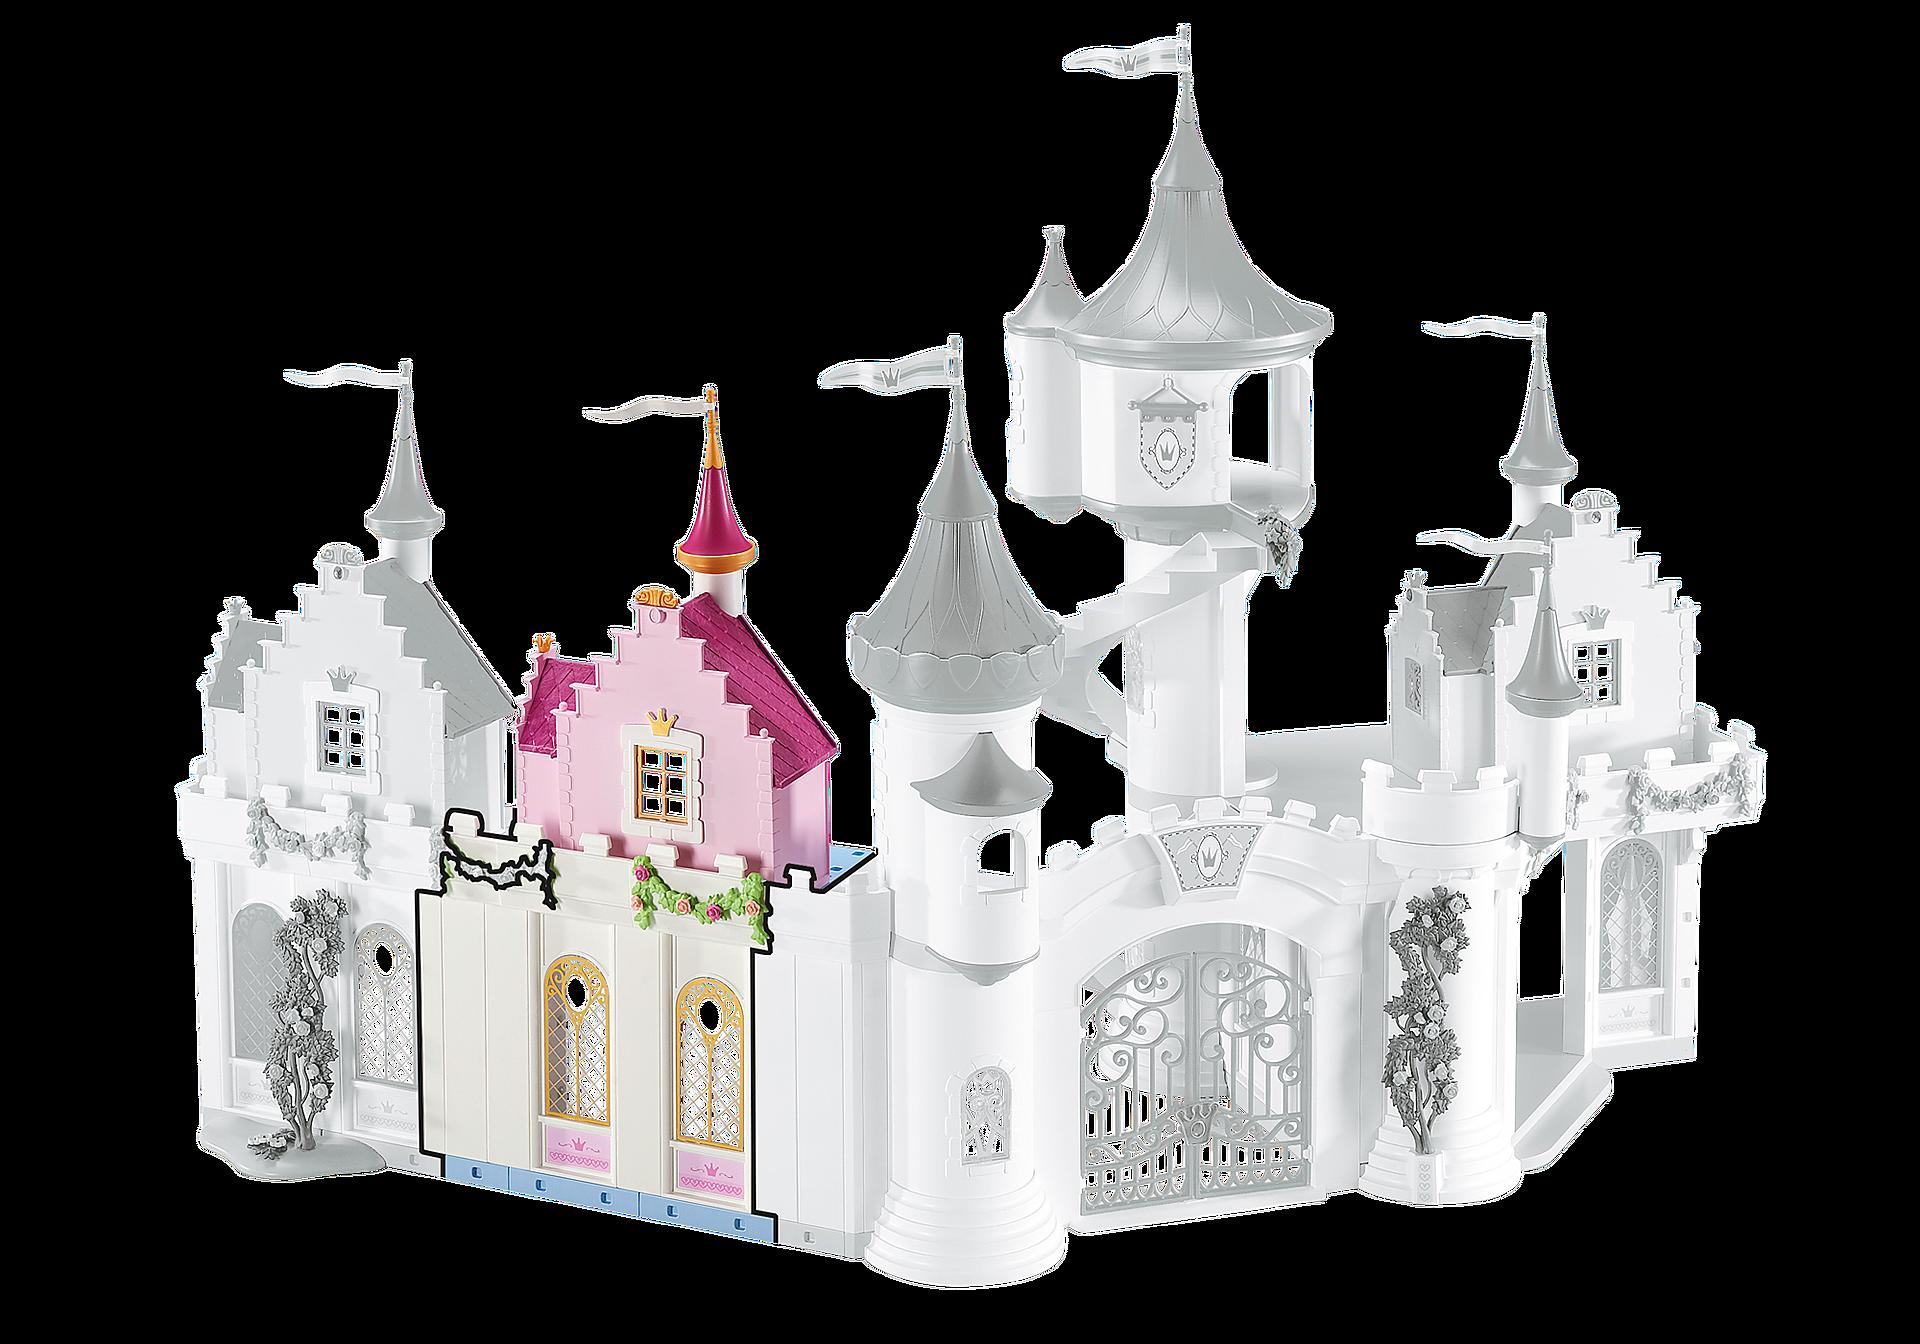 6519 Façade d'extension pour le Grand Château de Princesse zoom image1